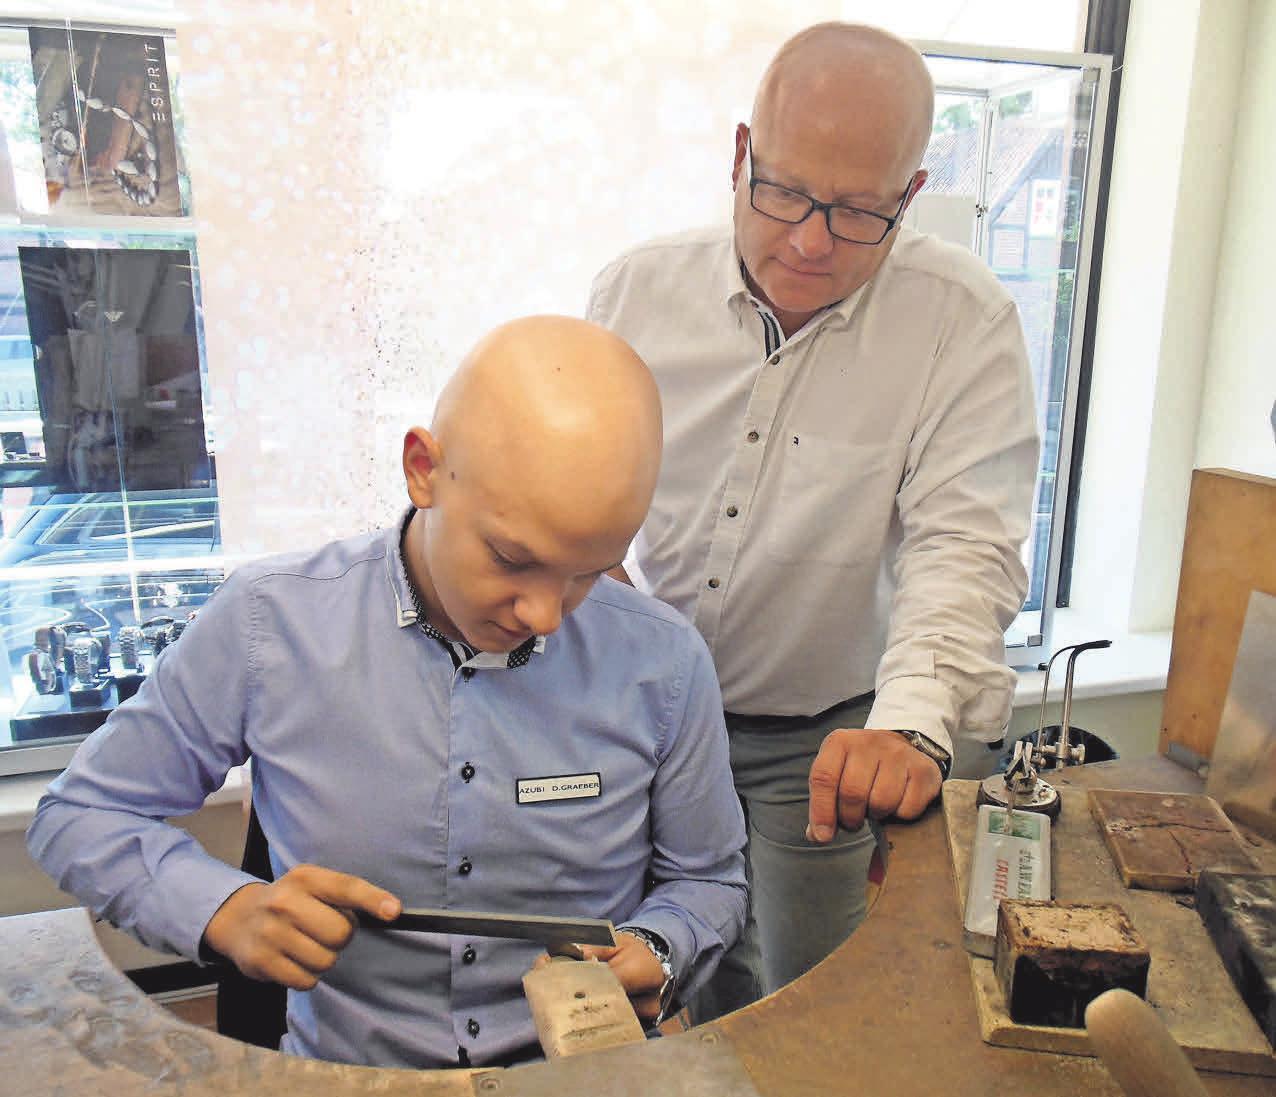 In der Werkstatt der Goldschmiede goldgraeber entstehen schöne Schmuckstücke.